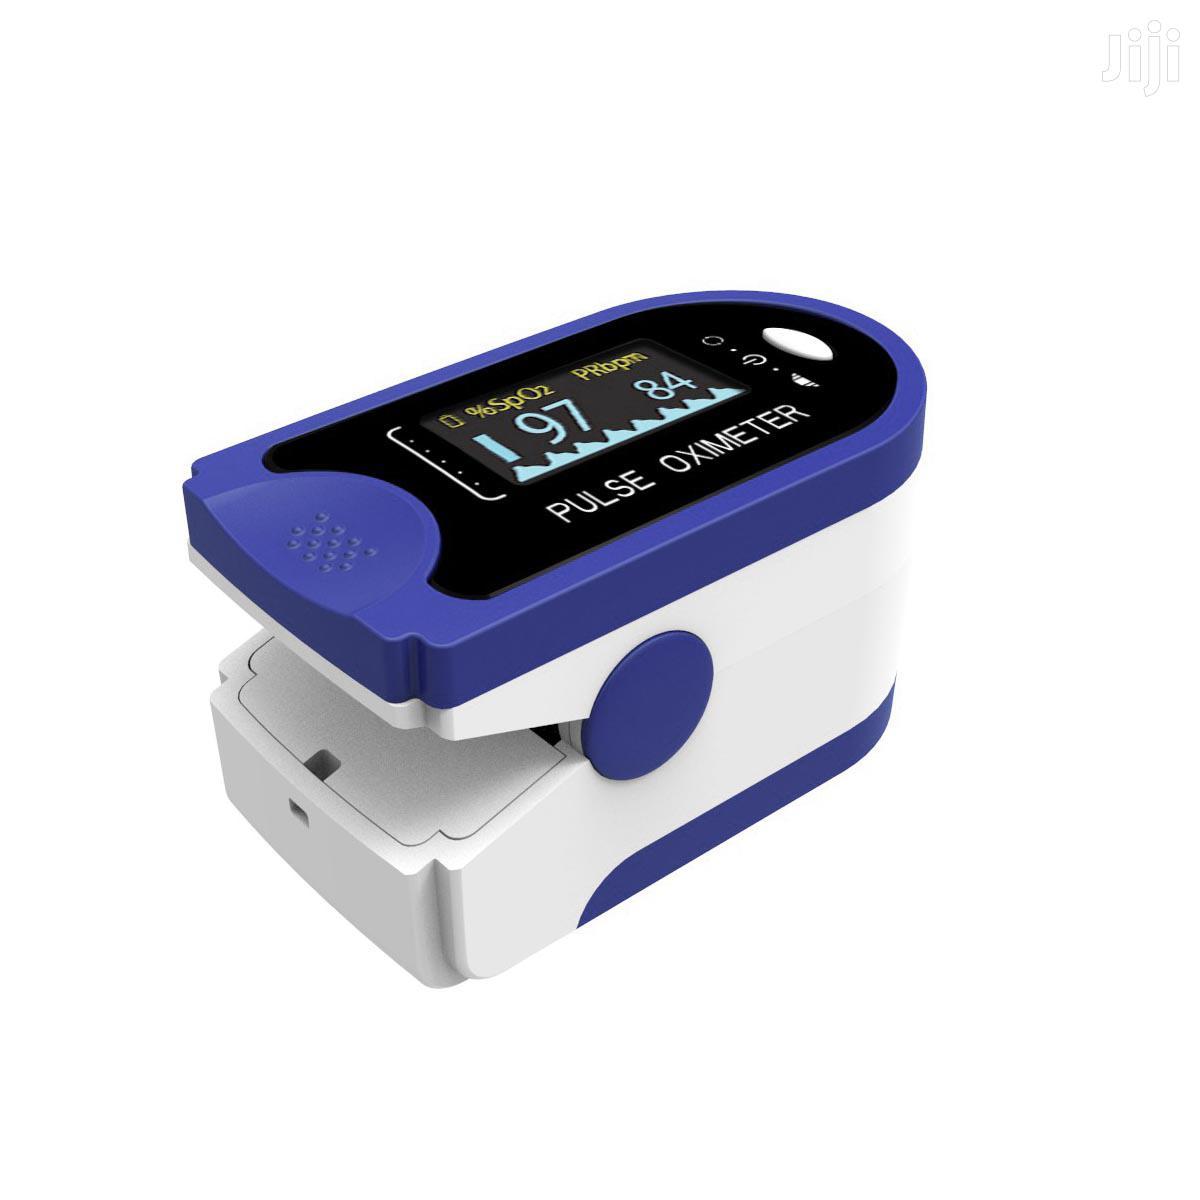 Jziki Fingertips Pulse Oximeter